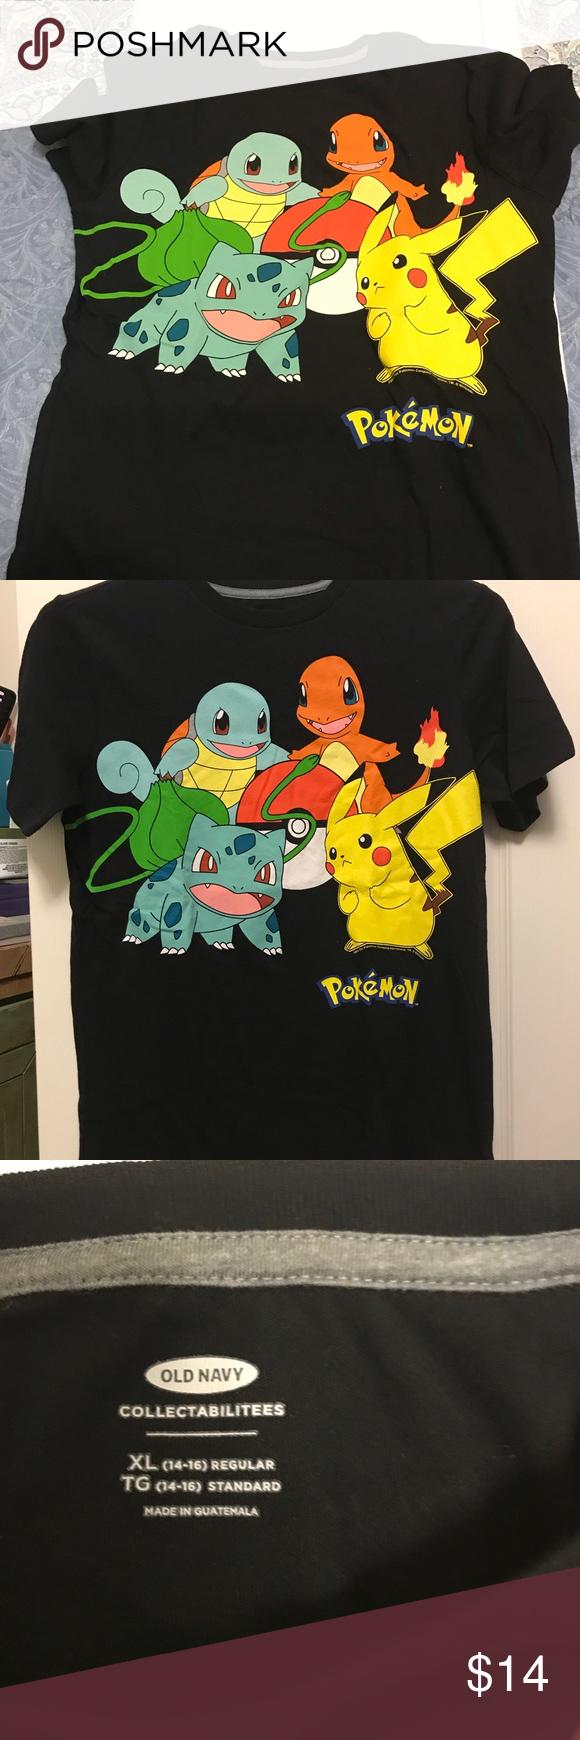 badbb52b NWOT Old Navy boys Pokémon gráphic tee . New Old Navy Pokémon T-shirt XL  (14-16). Shirts & Tops Tees - Short Sleeve